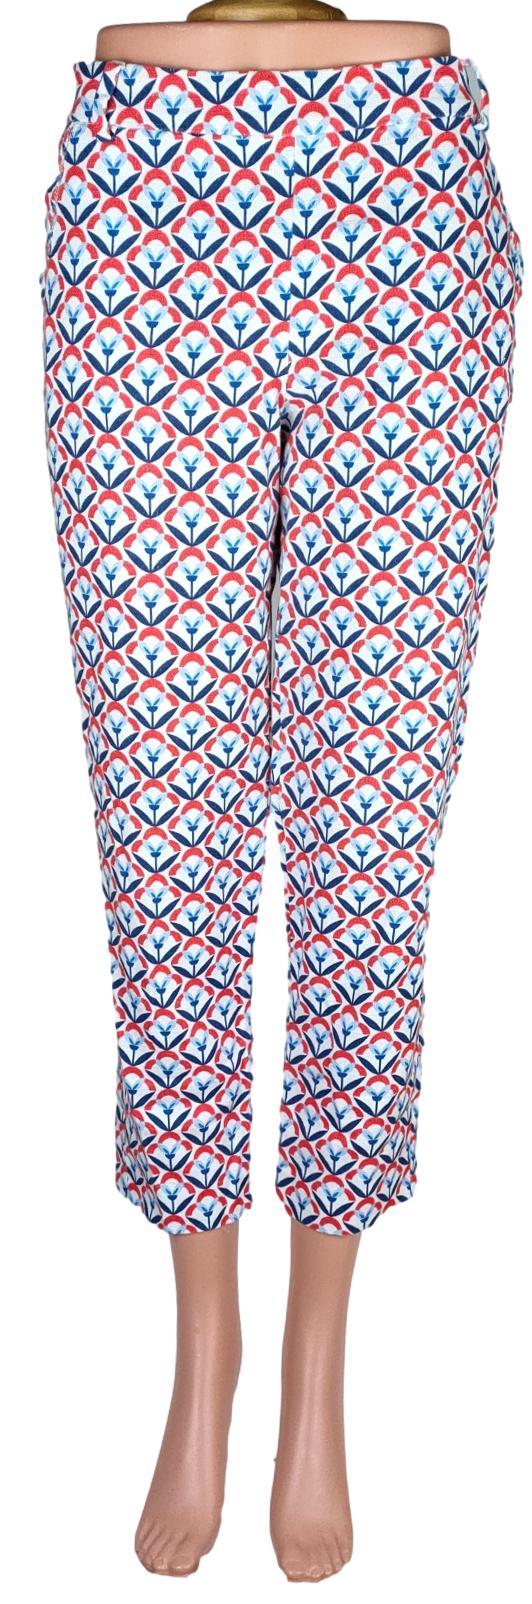 Pantalon Kocca - Taille 46